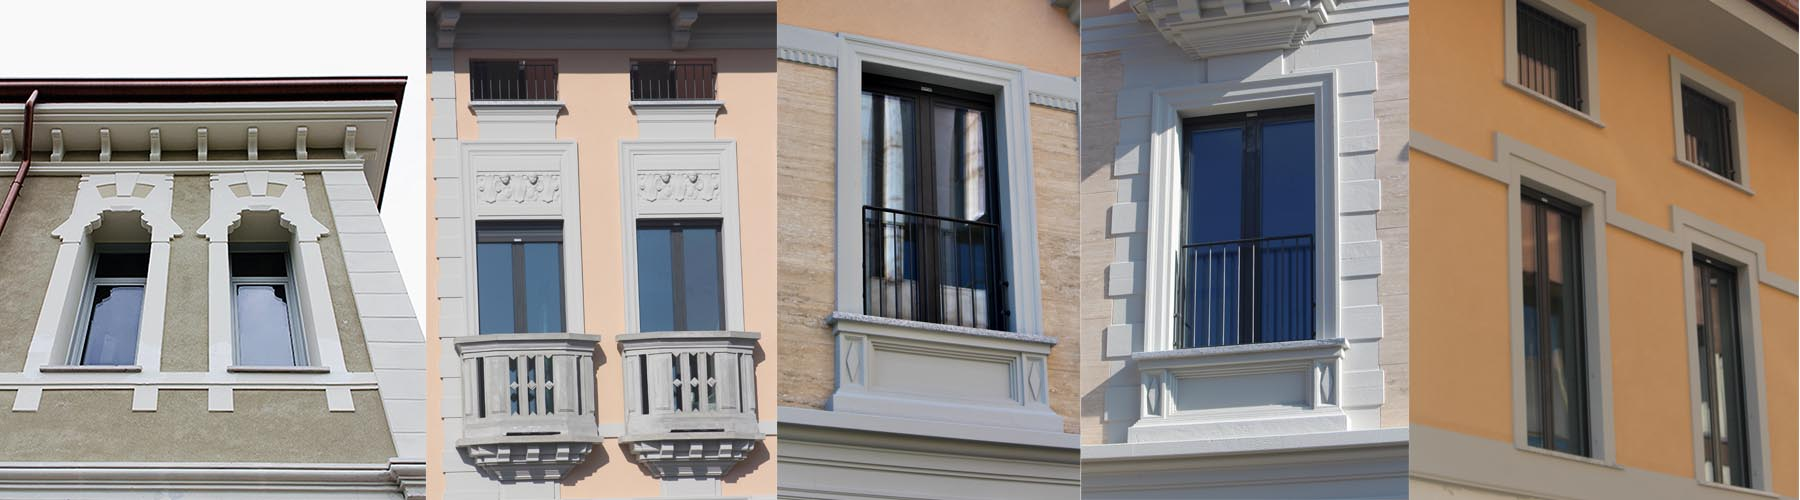 Cornici per finestre esterne - Decori per finestre esterne ...